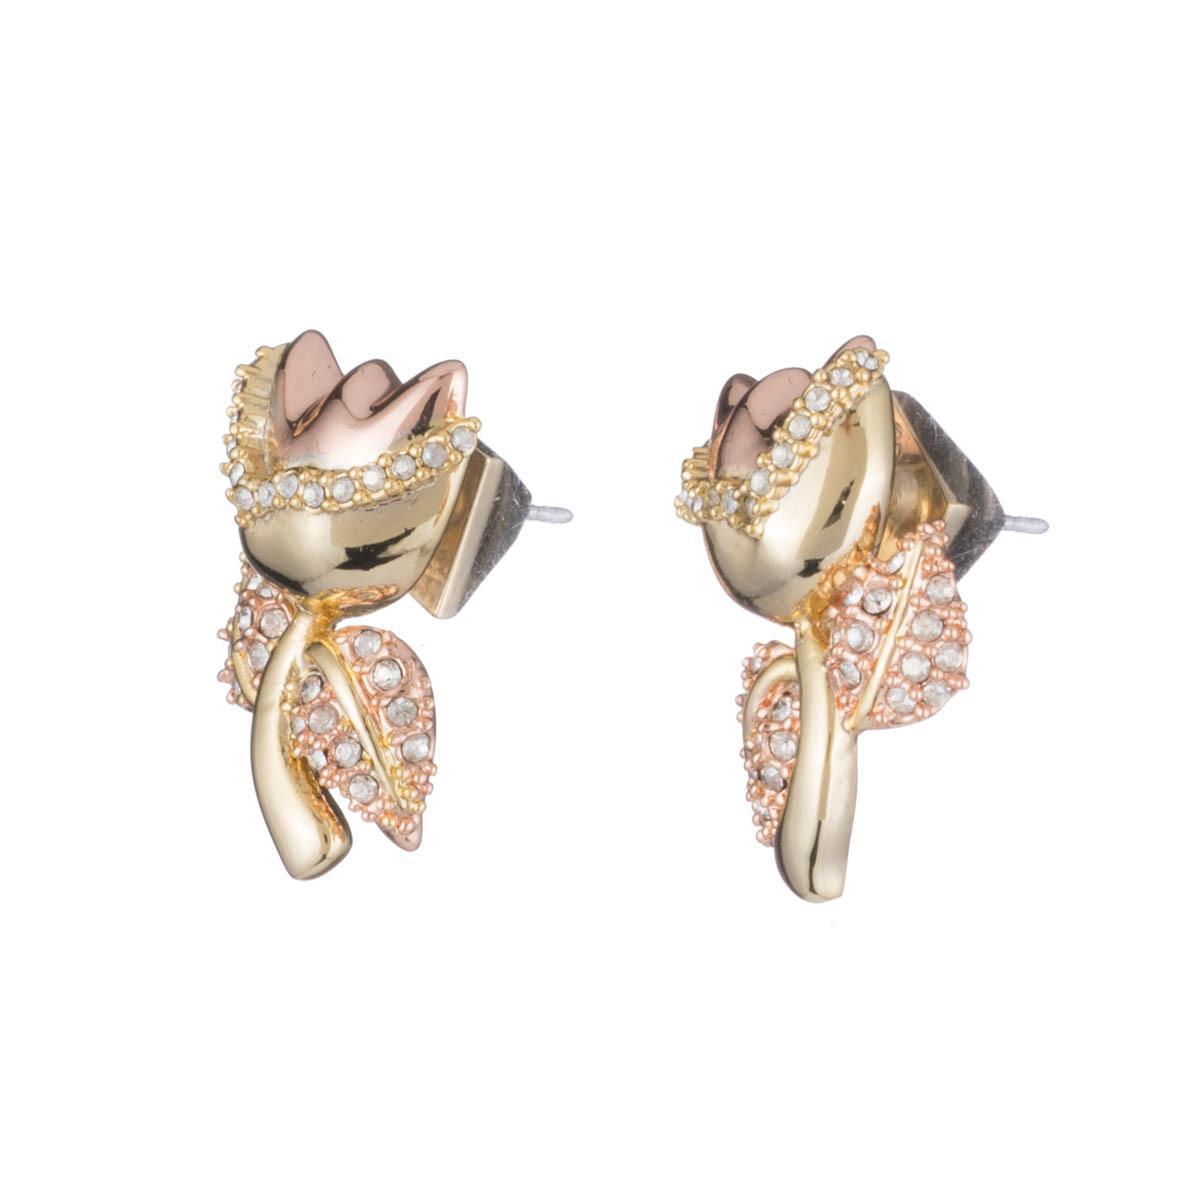 Alexis Bittar Crystal Encrusted Tulip Post Earrings tSIAZpK6P